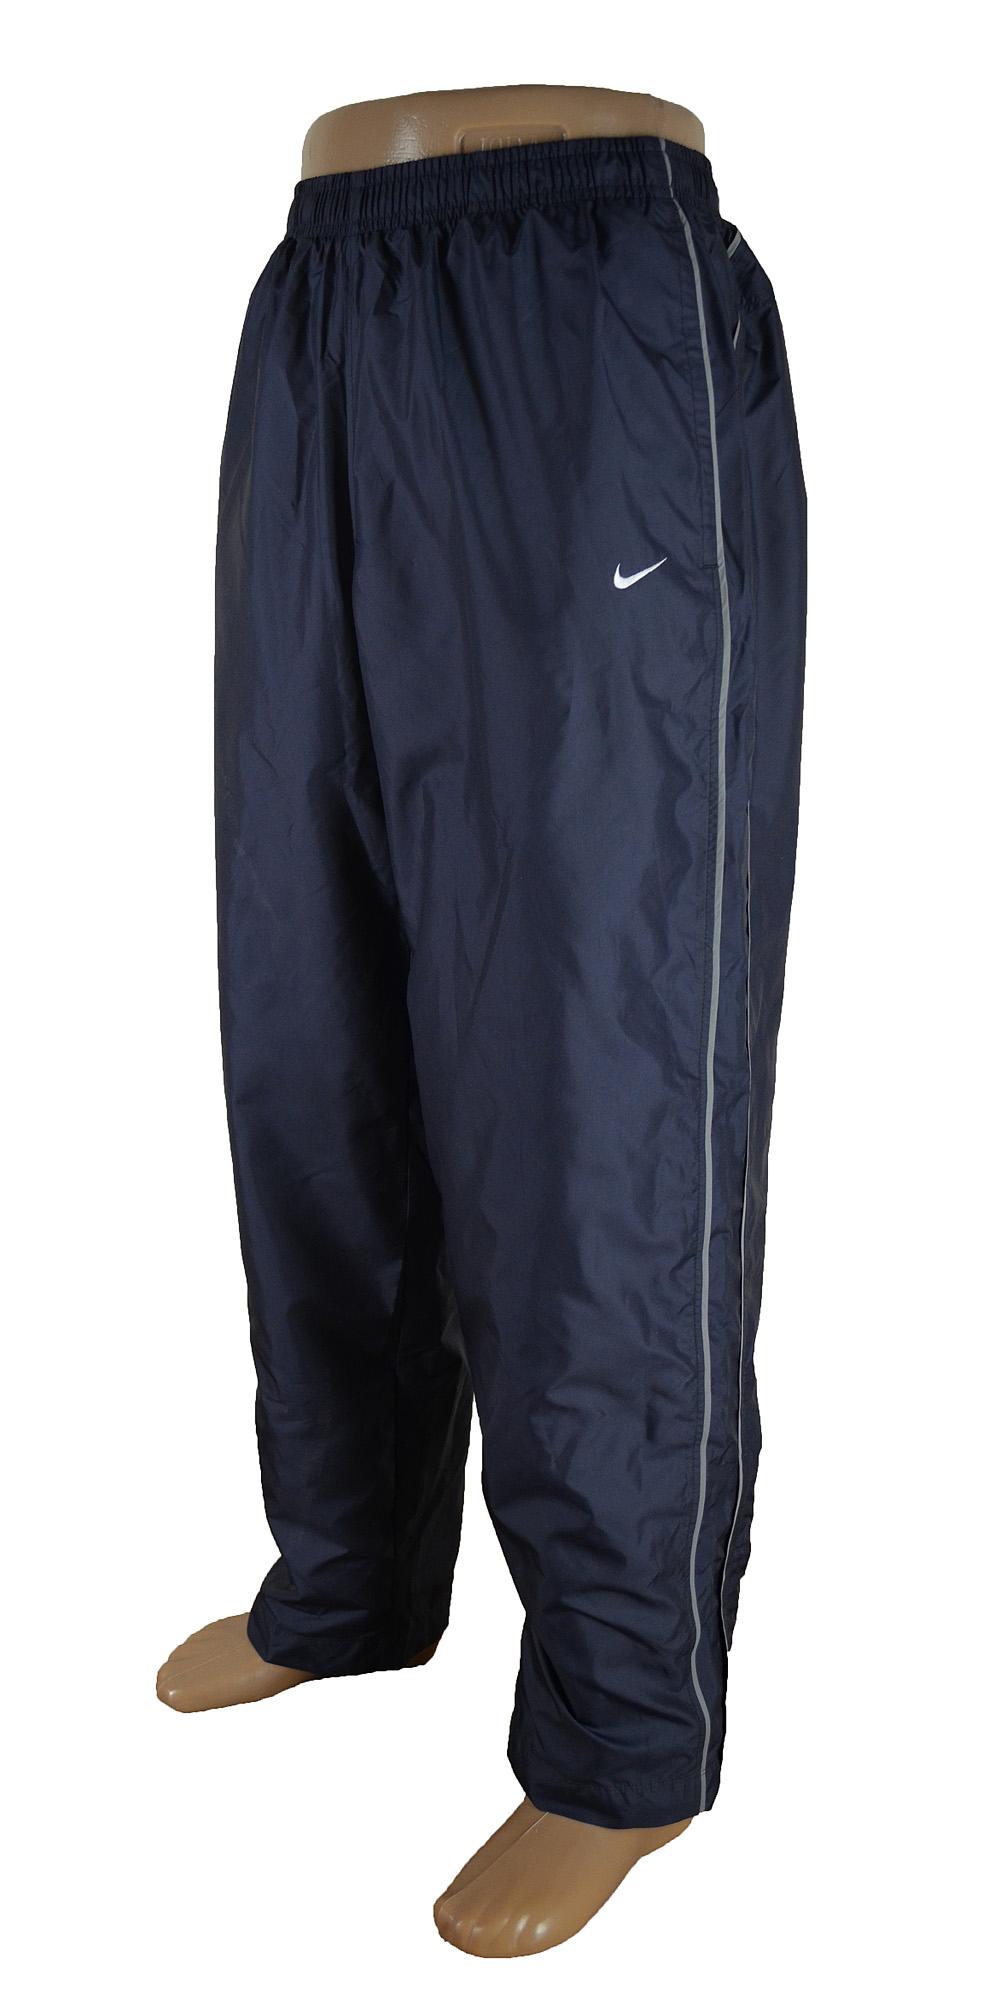 0f781412 Спортивные штаны Nike купить в Киеве, Украине | Интернет магазин ...